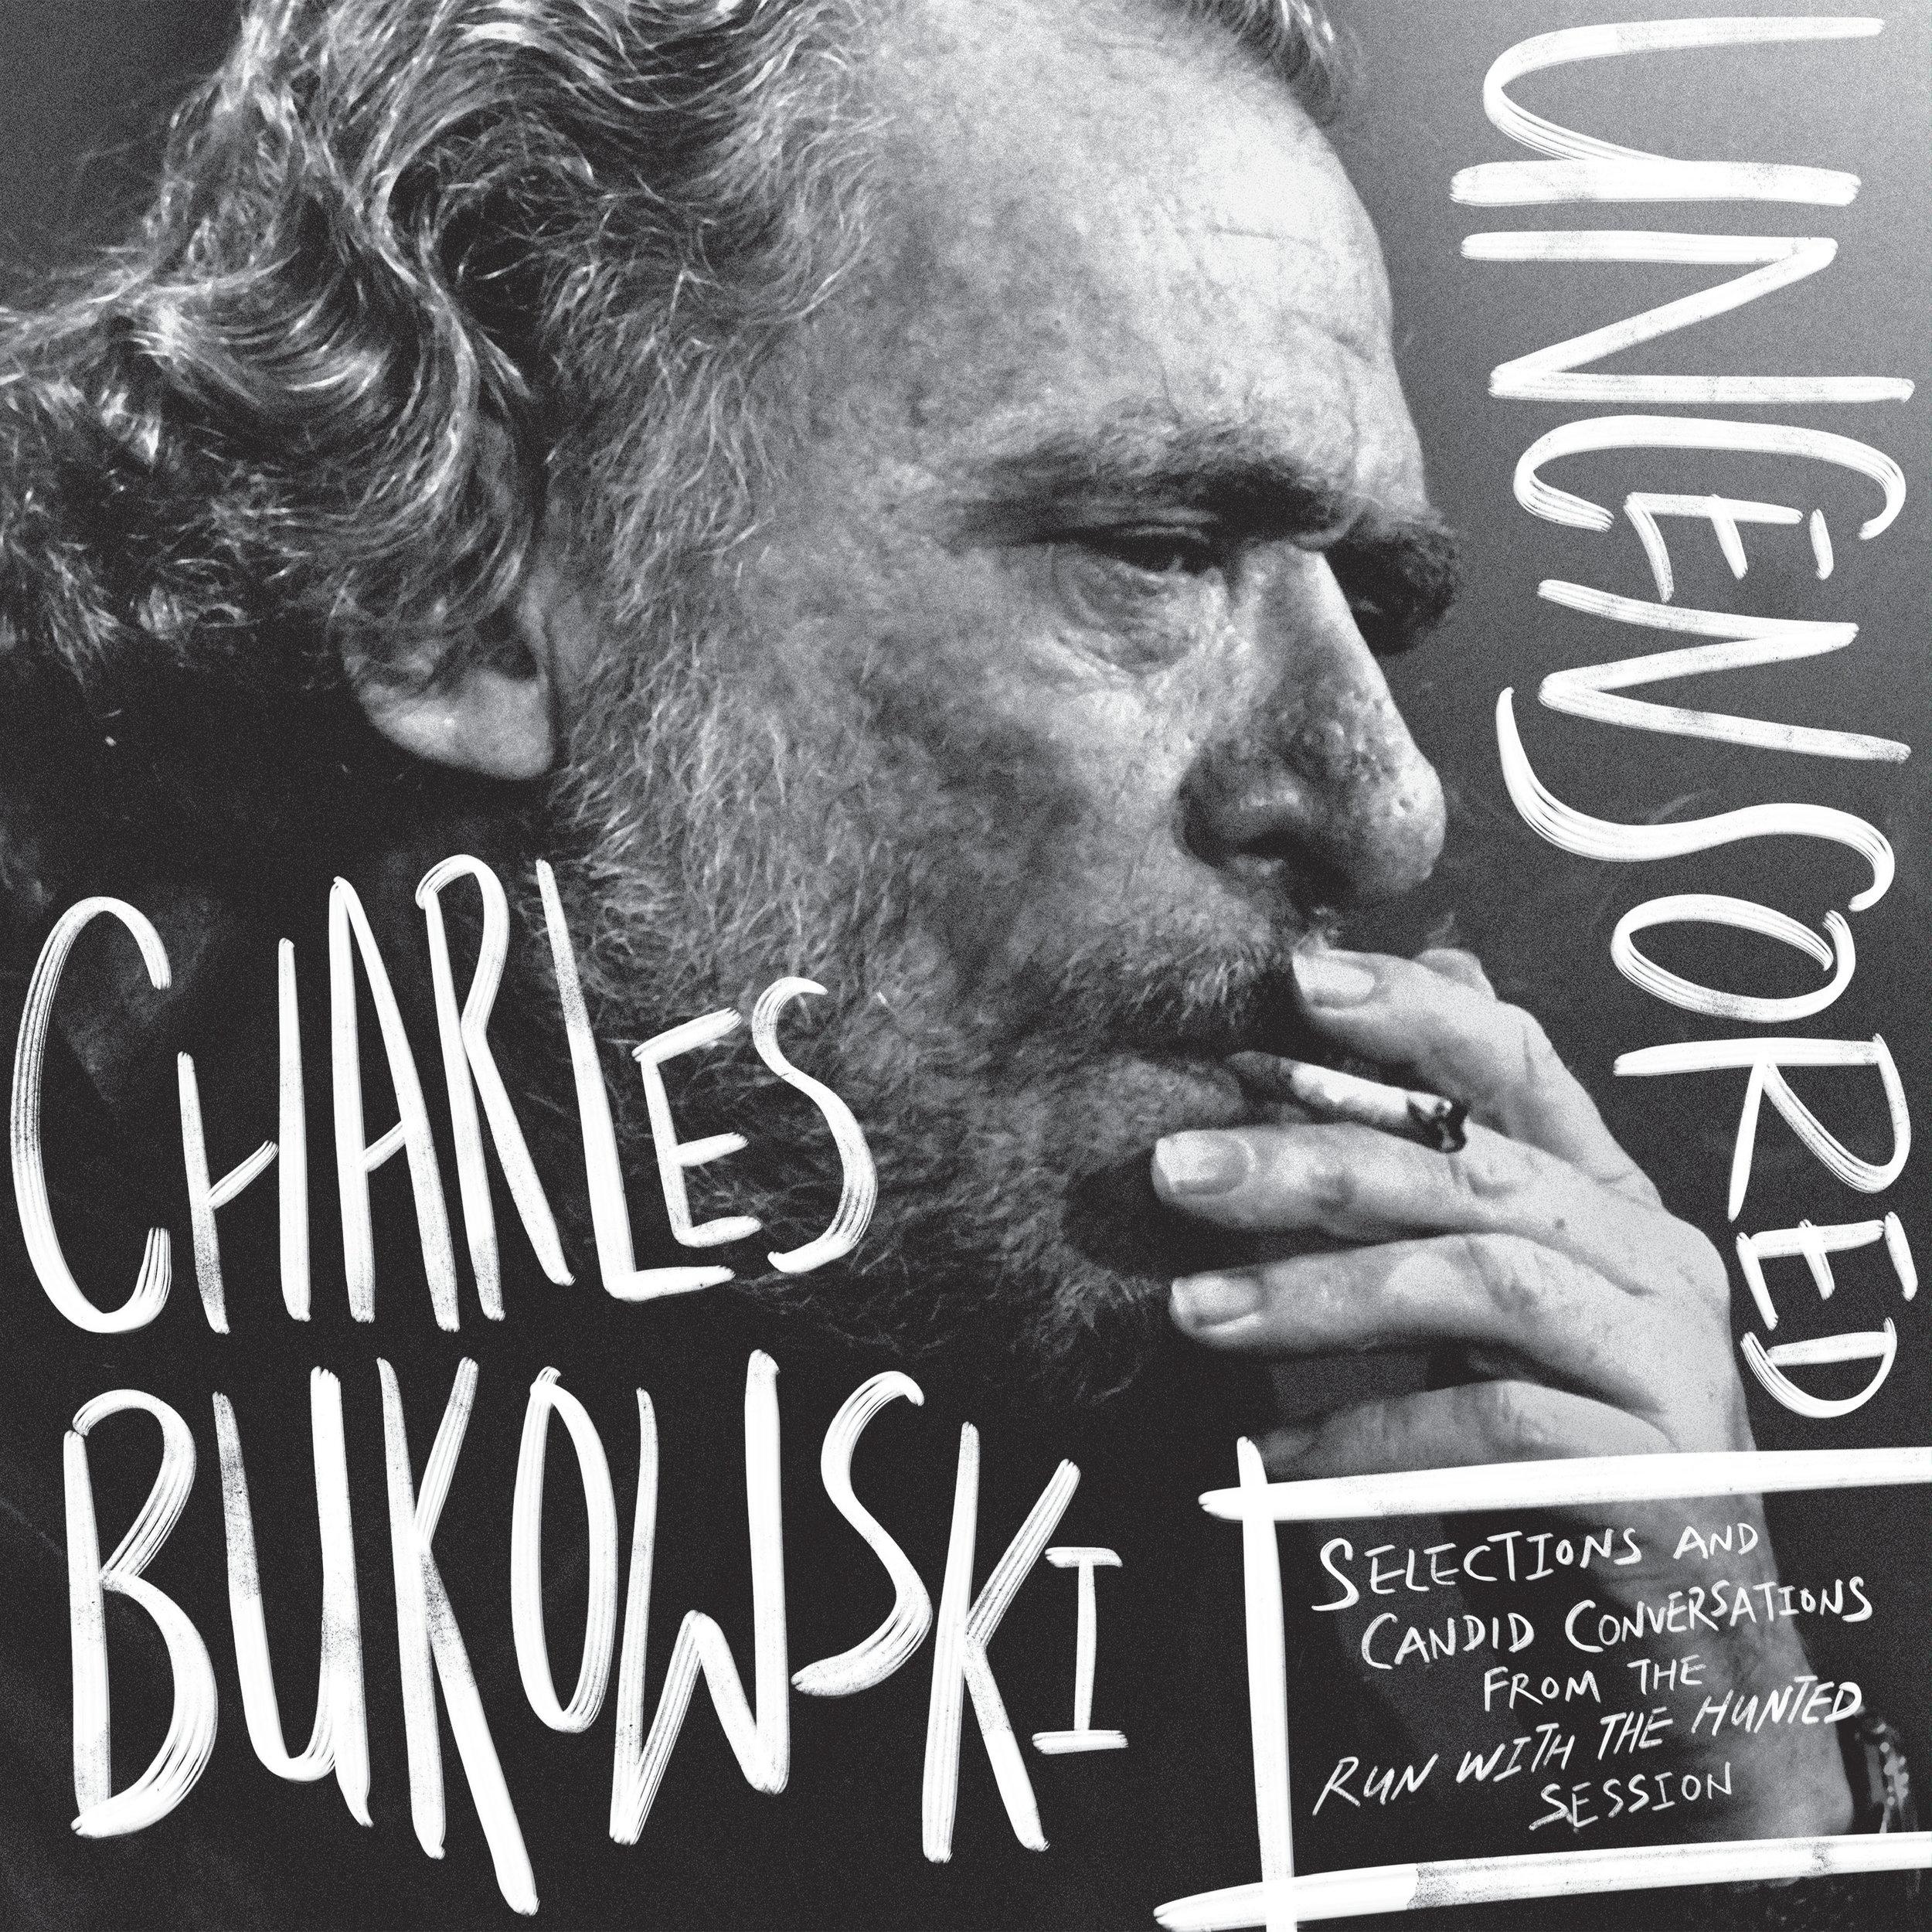 Charles Bukowski Uncensored_LP Cover.jpg